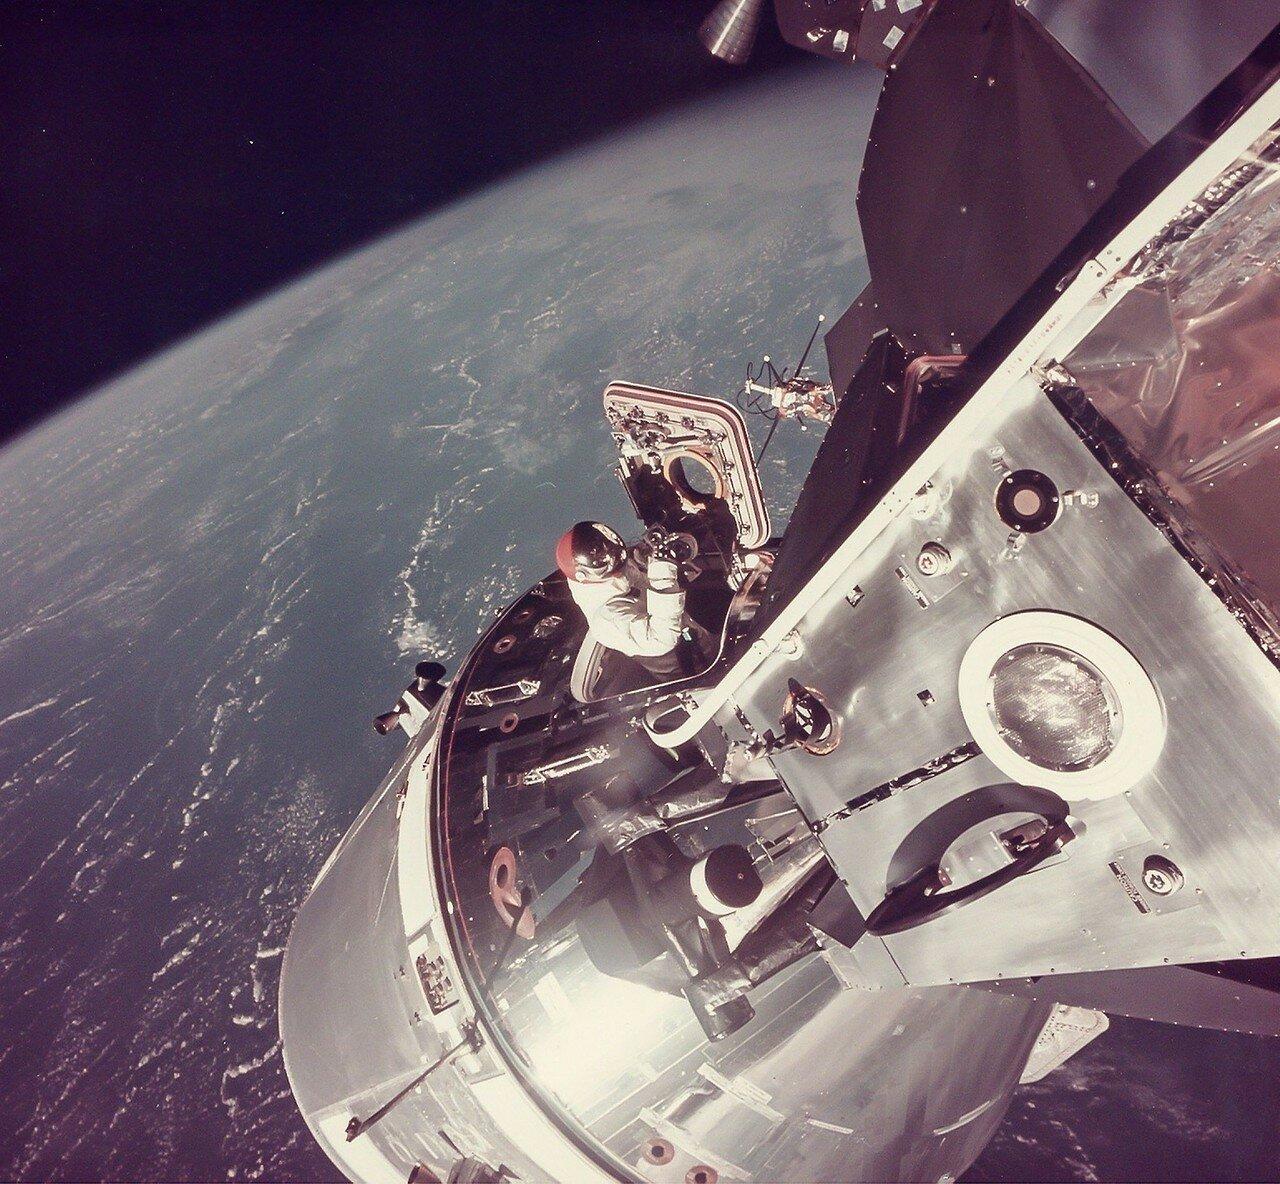 1969, 3 марта. В 3 часа 02 минуты 08 секунд полетного времени Скотт обеспечил стыковку командного модуля с лунным с первой попытки. На снимке Дэвид Скотт стоит в открытом люке КСМ